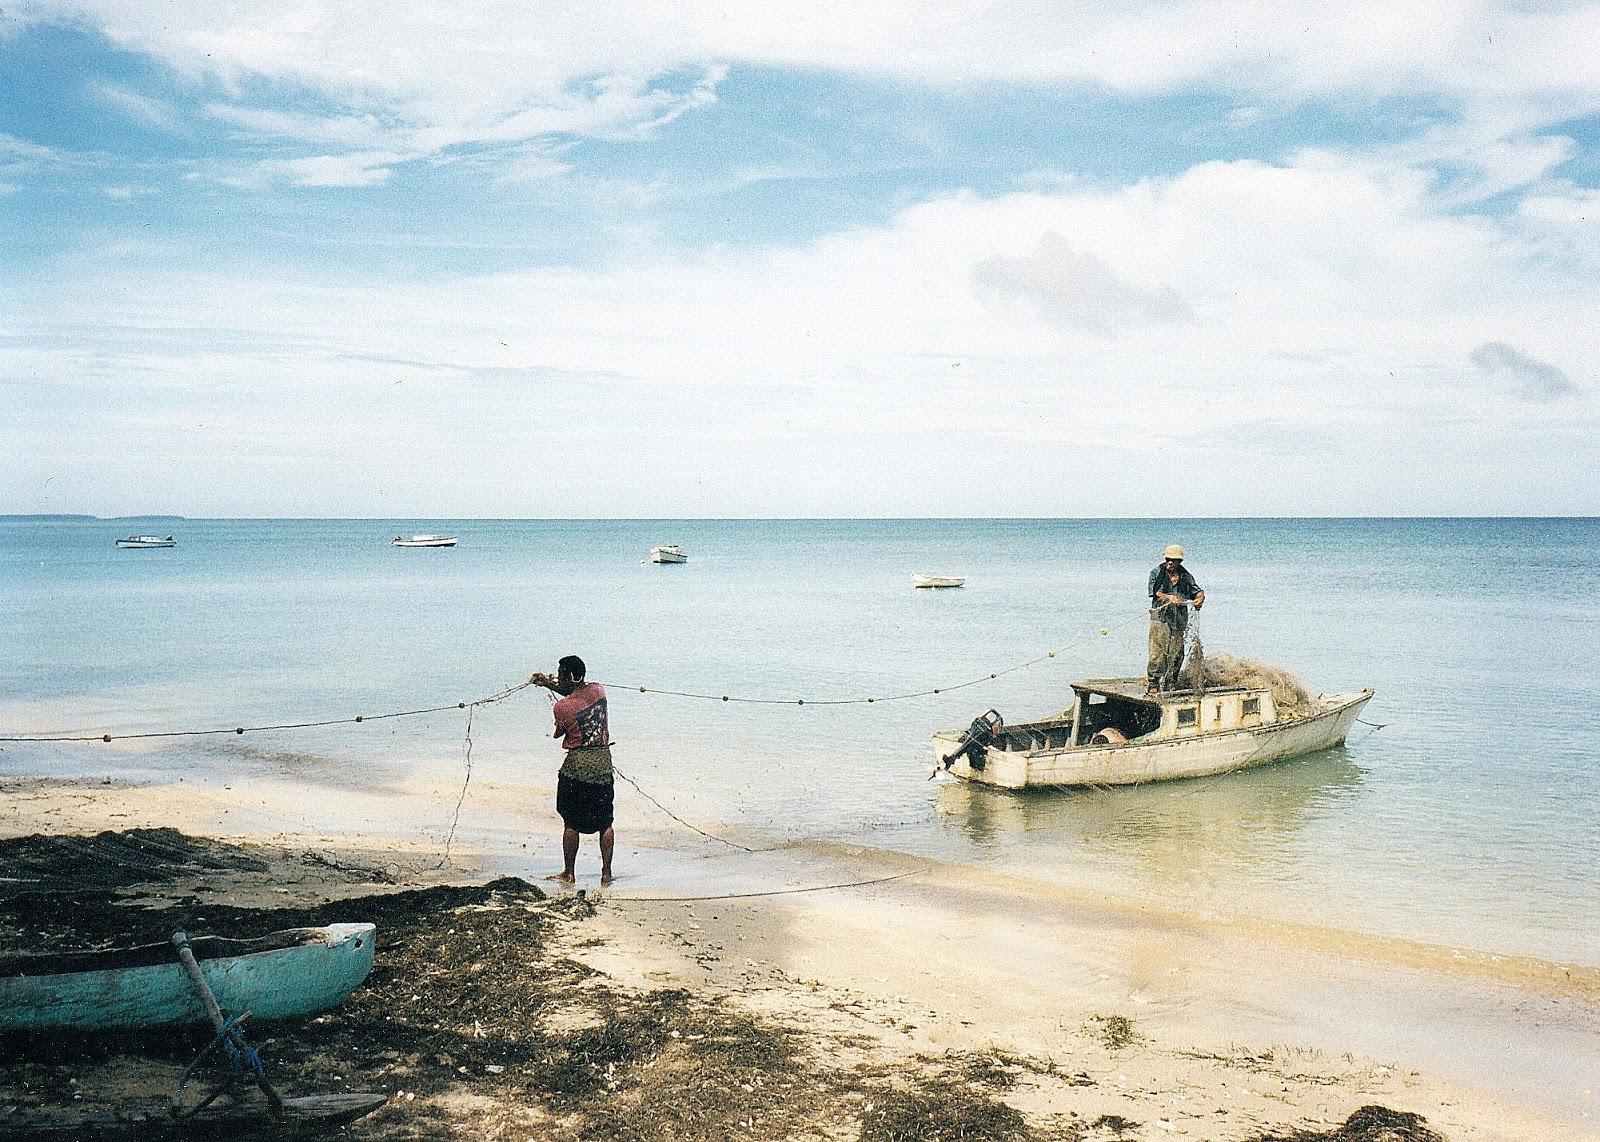 Tonga travel brings some beautiful beaches